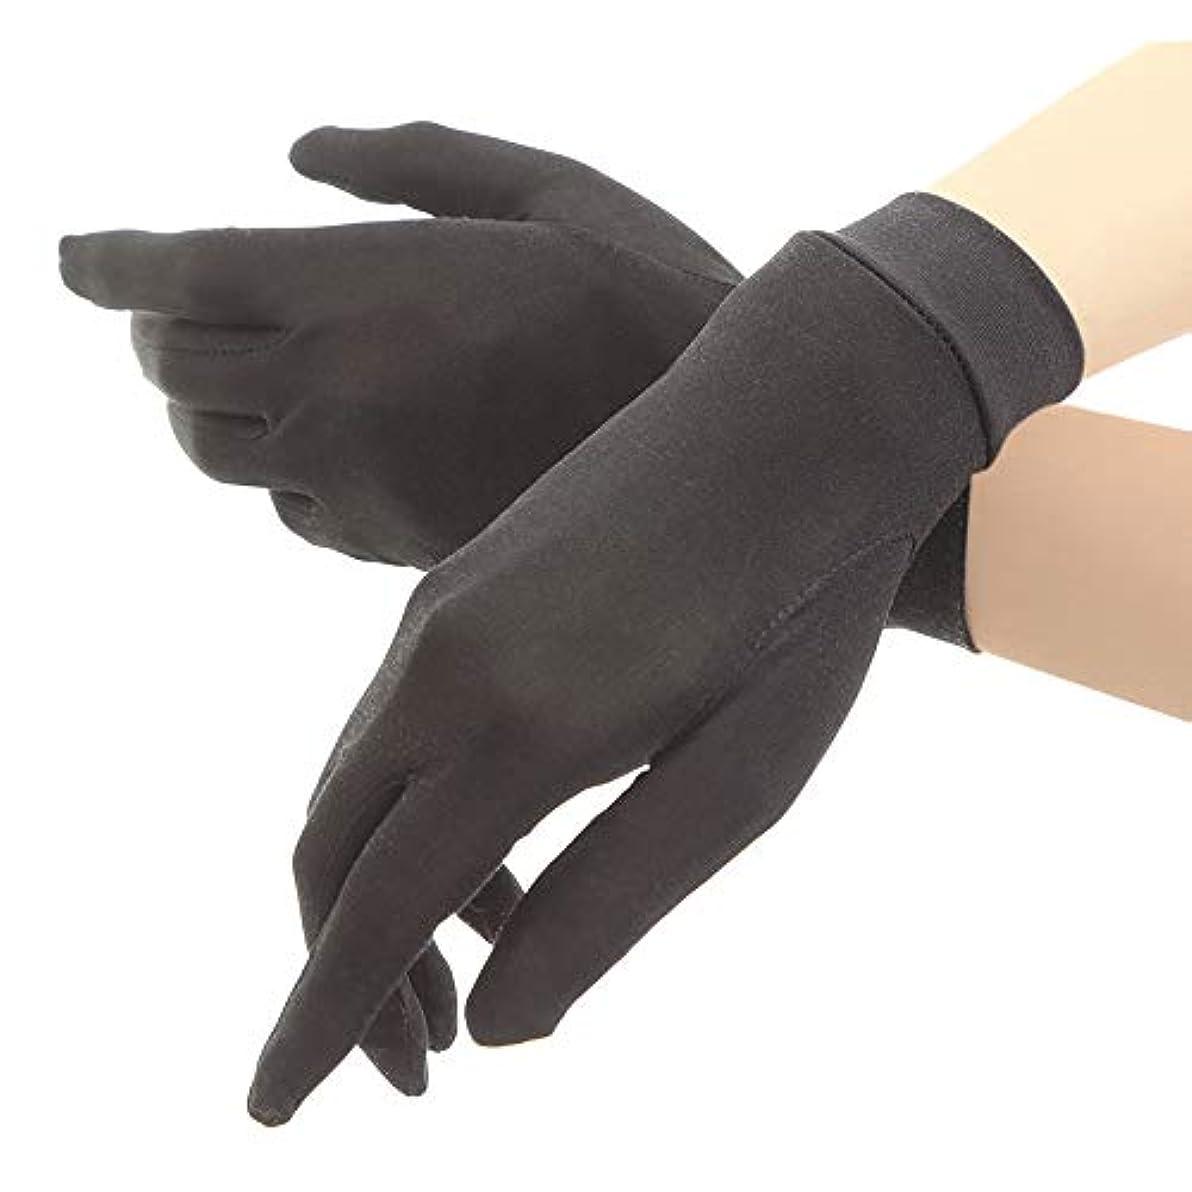 クック三角きれいにシルク手袋 レディース 手袋 シルク 絹 ハンド ケア 保湿 紫外線 肌荒れ 乾燥 サイズアップで手指にマッチ 【macch】